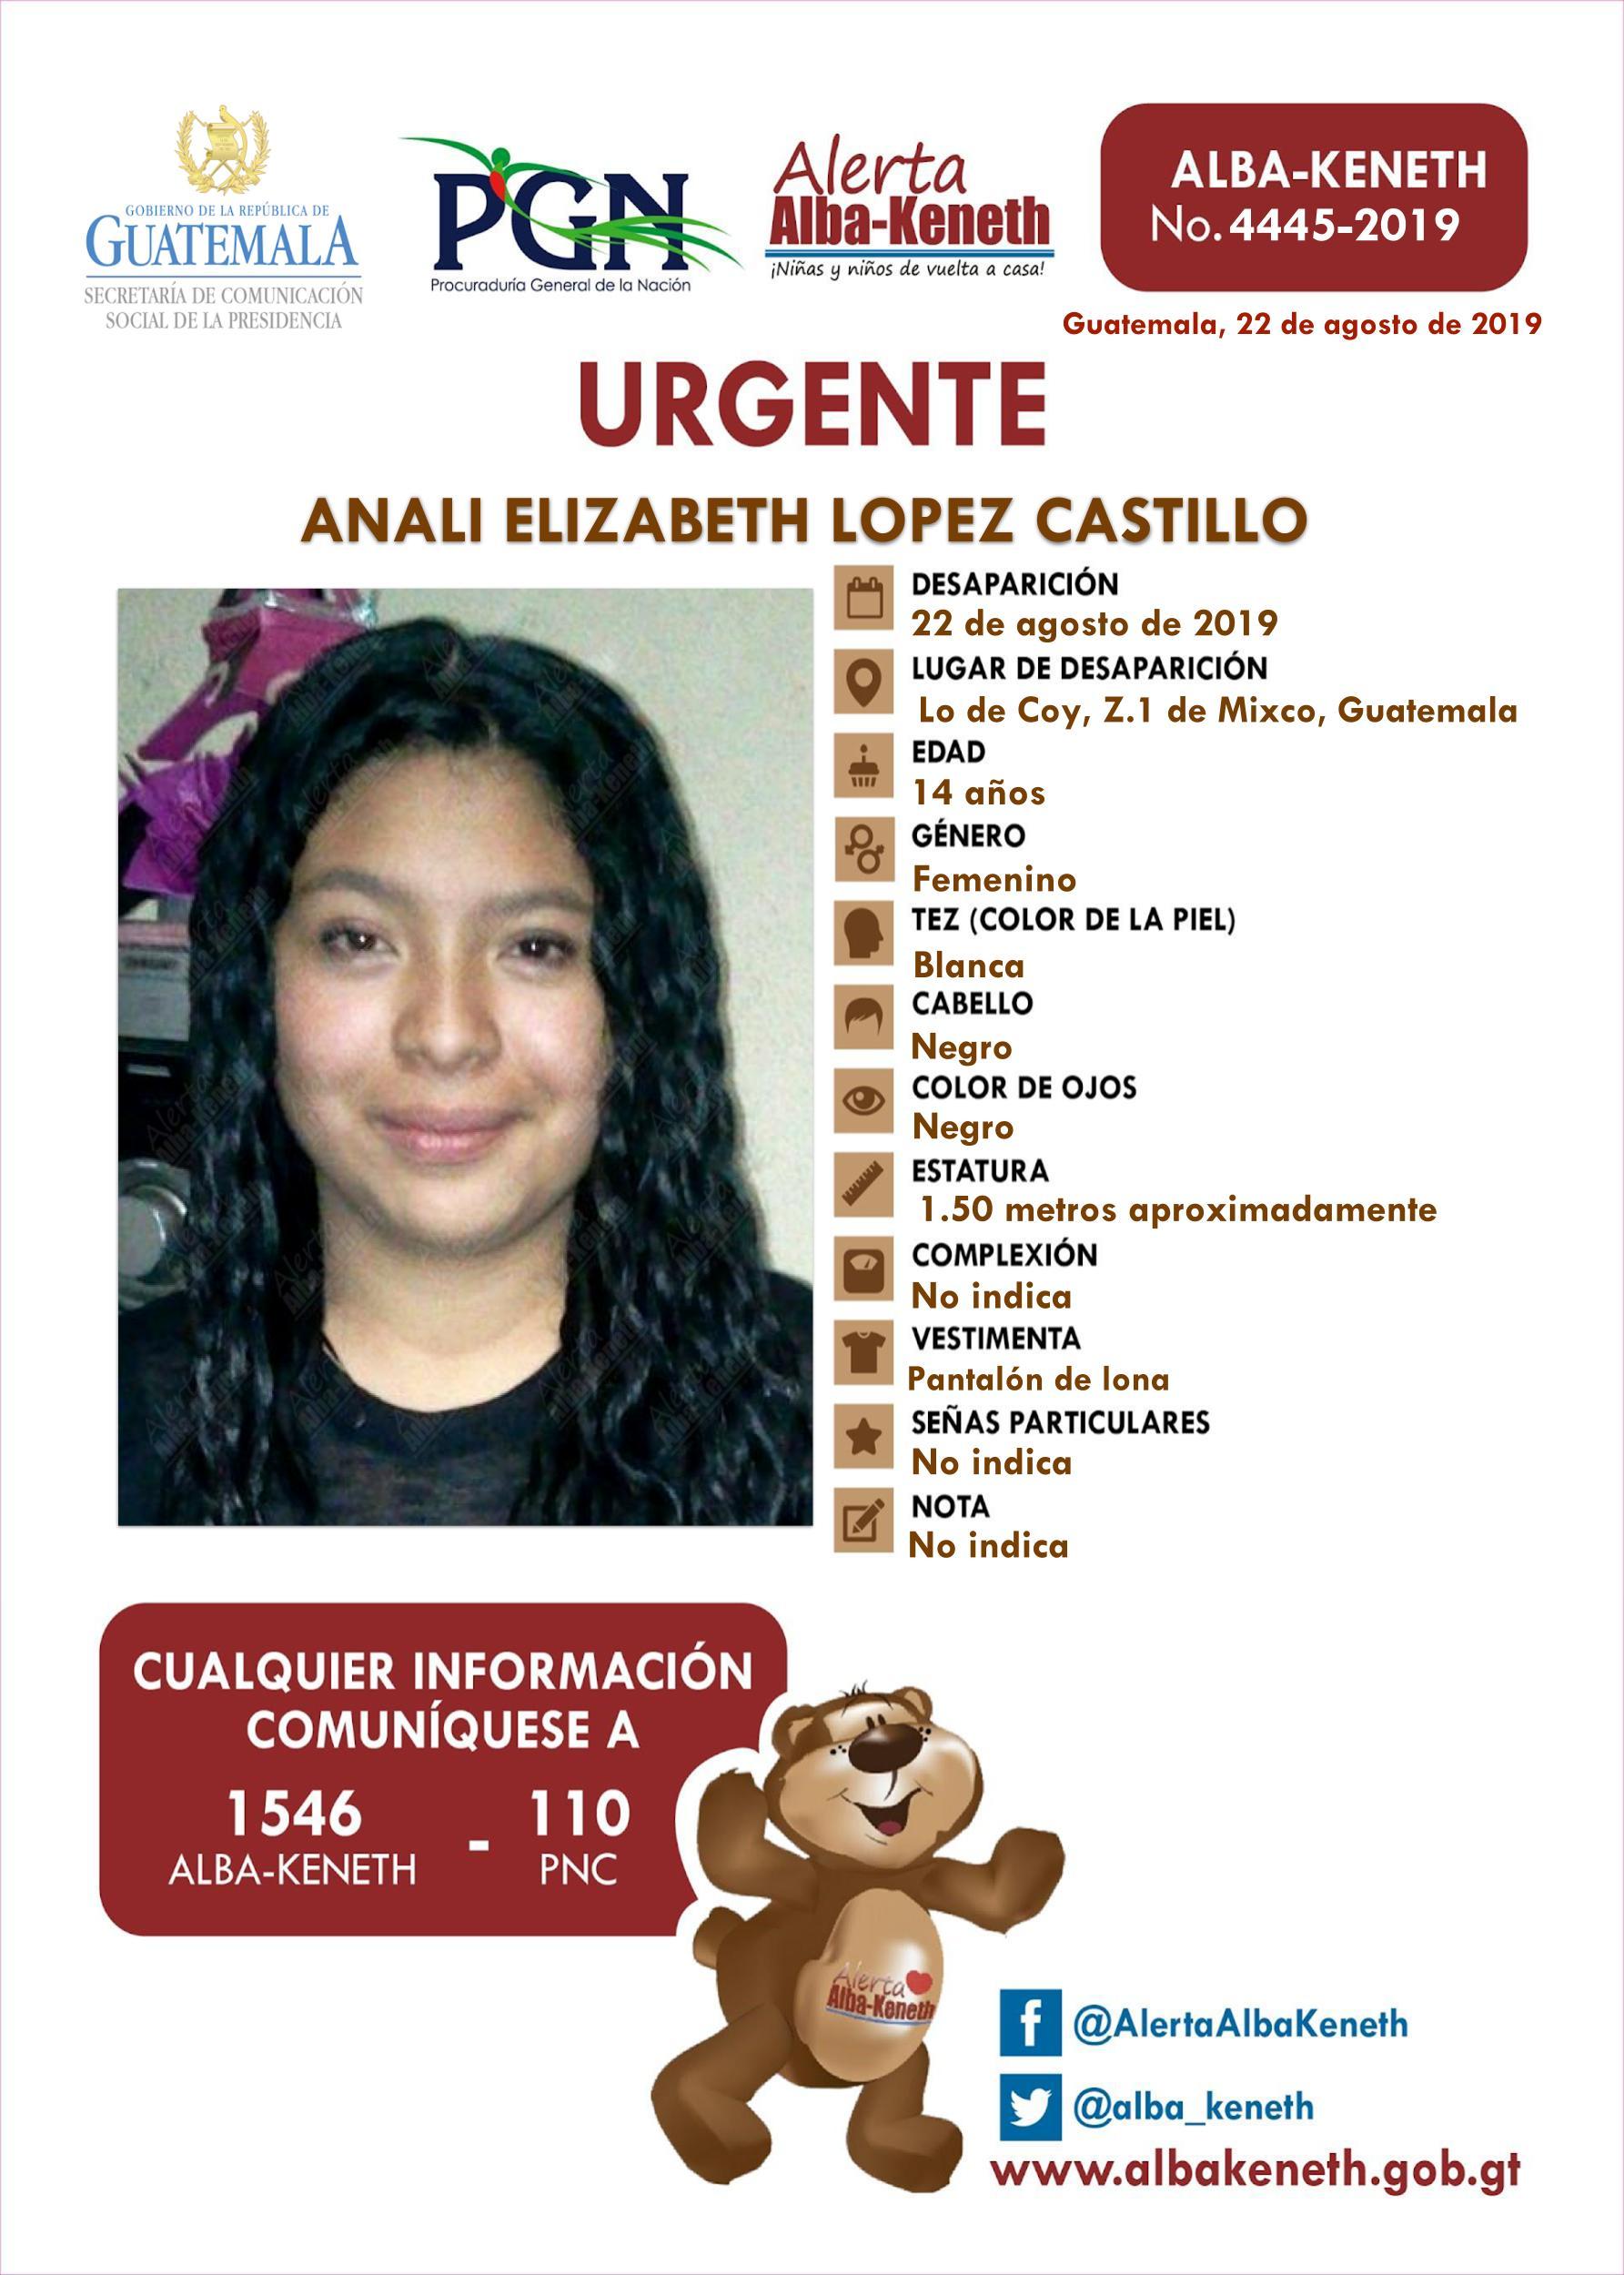 Anali Elizabeth Lopez Castillo